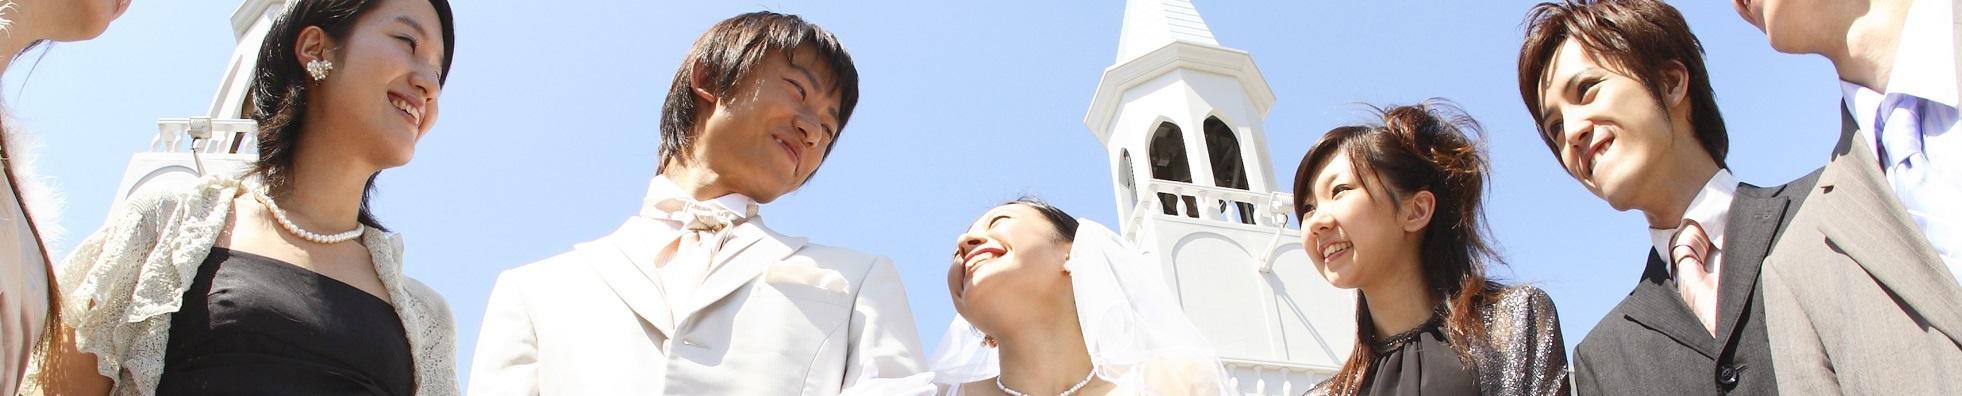 東出昌大と渡部健、女性はどちらの不倫を許せる?夫婦恋愛で浮気封じの基本1